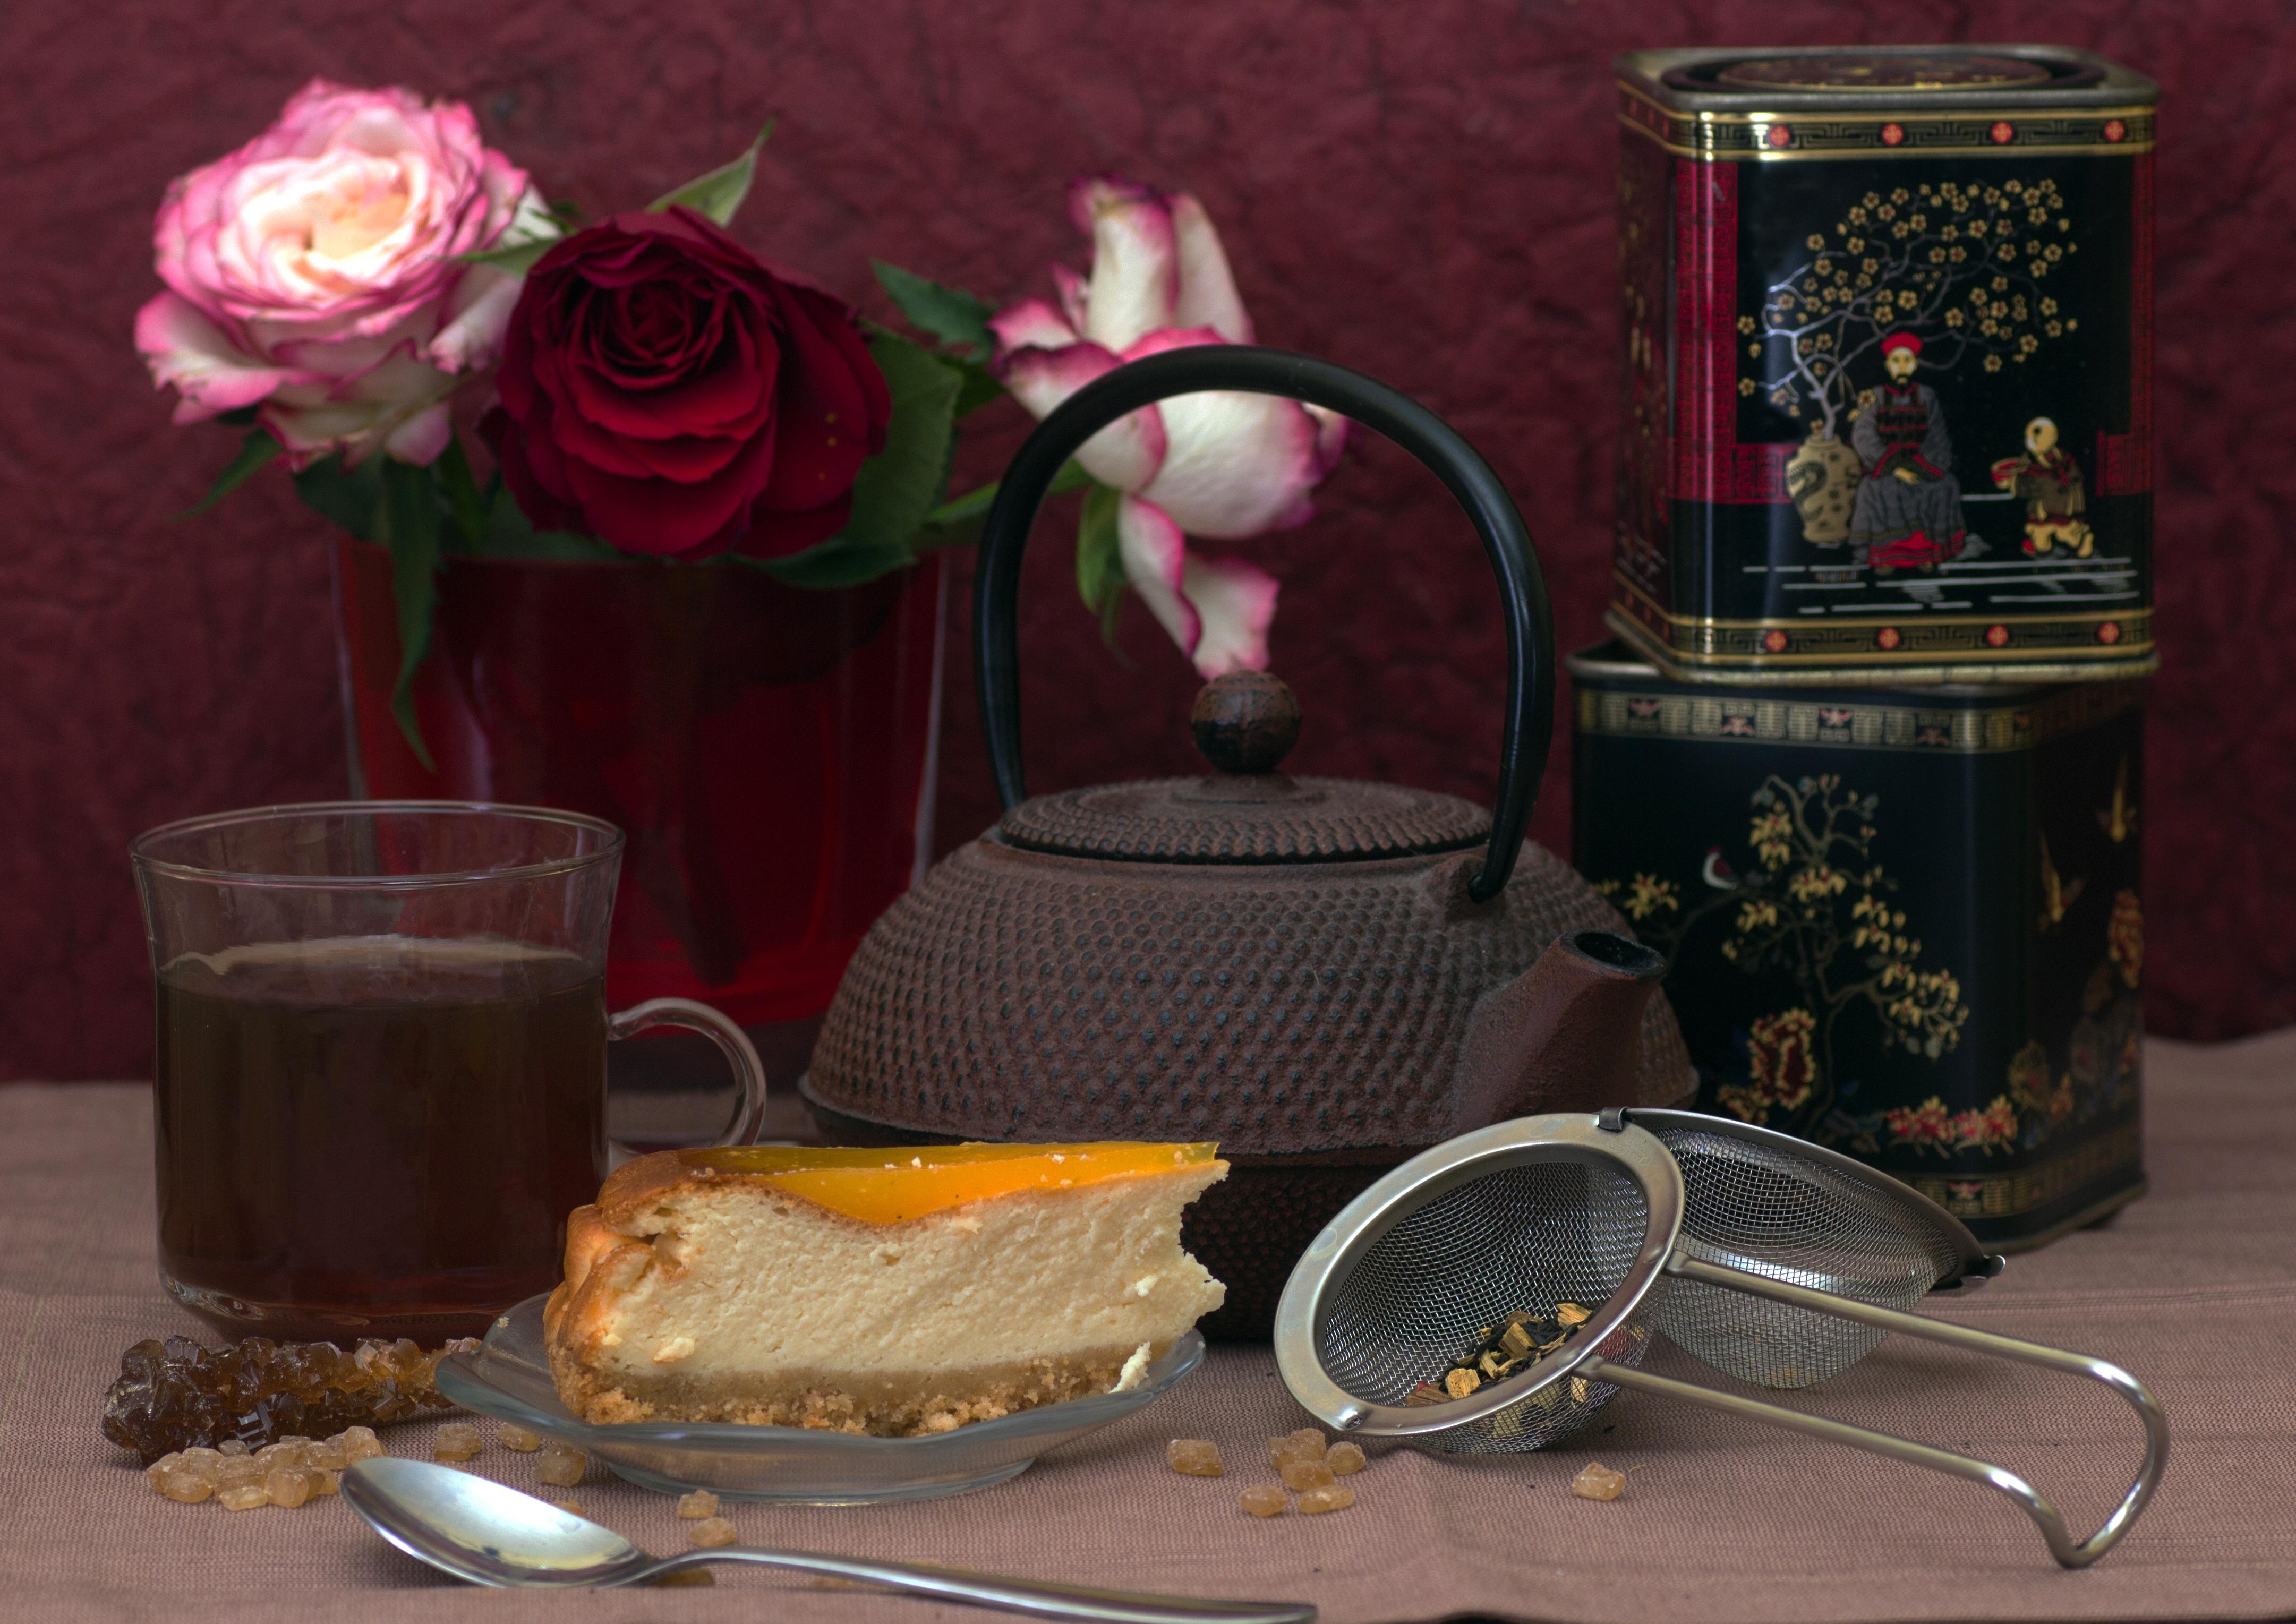 Kostenlose foto : Blume, Teekanne, Pot, Beleuchtung, Kuchen ...